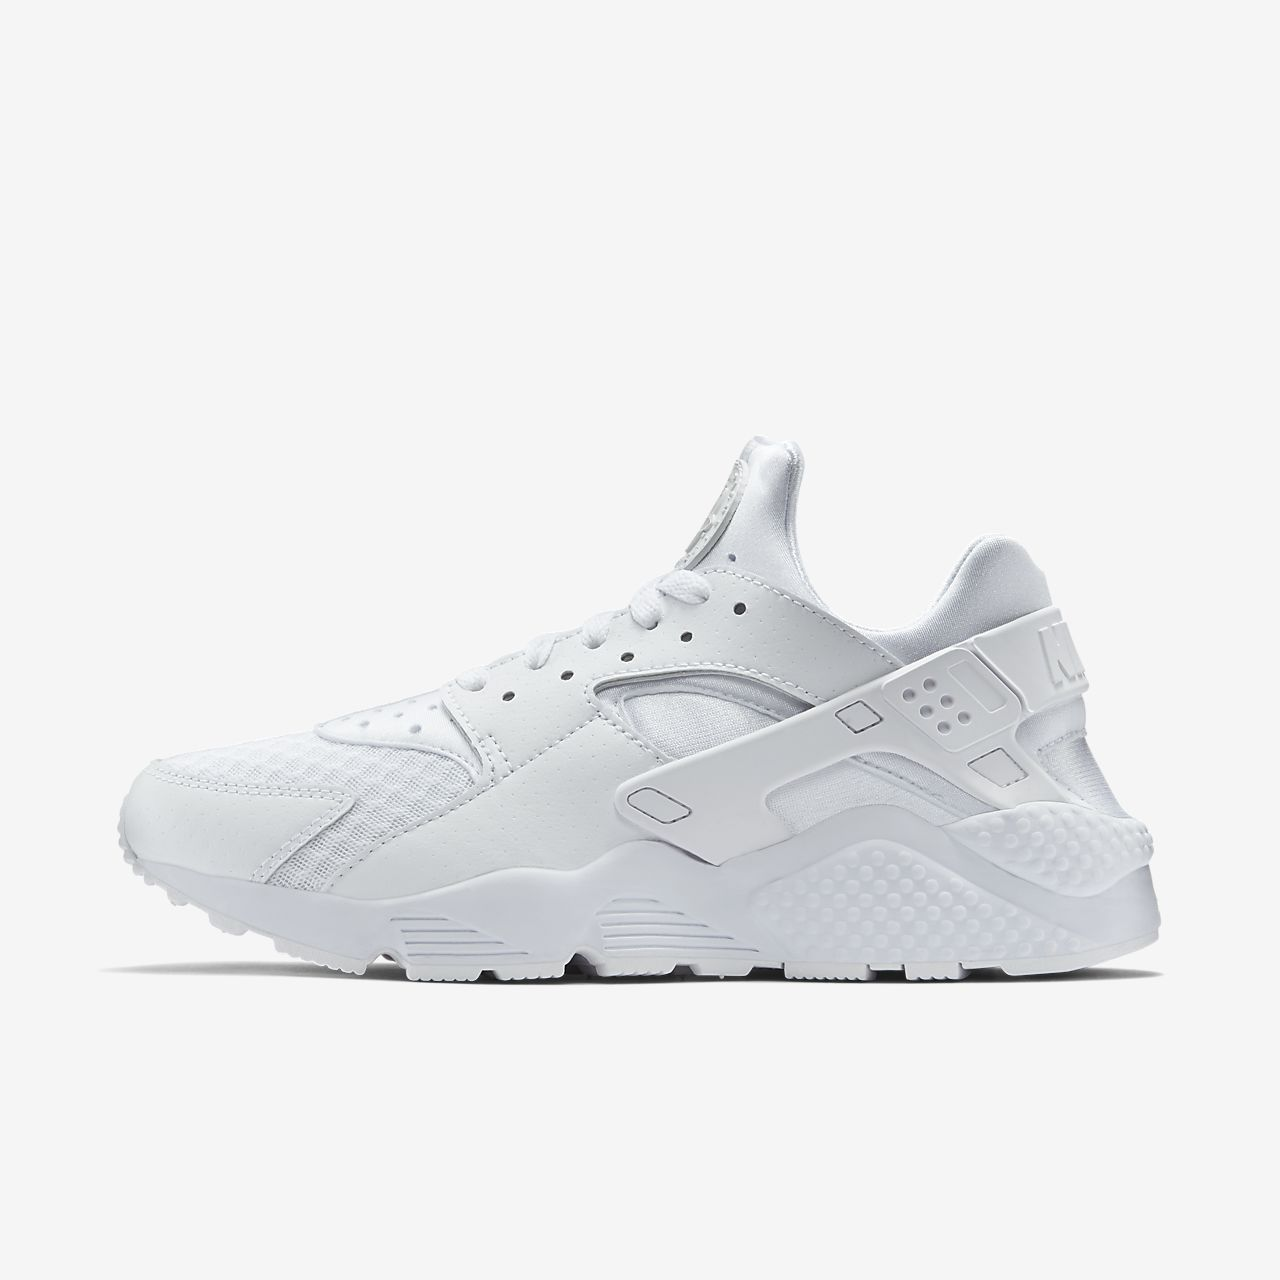 Nike Air Huarache 男子运动鞋